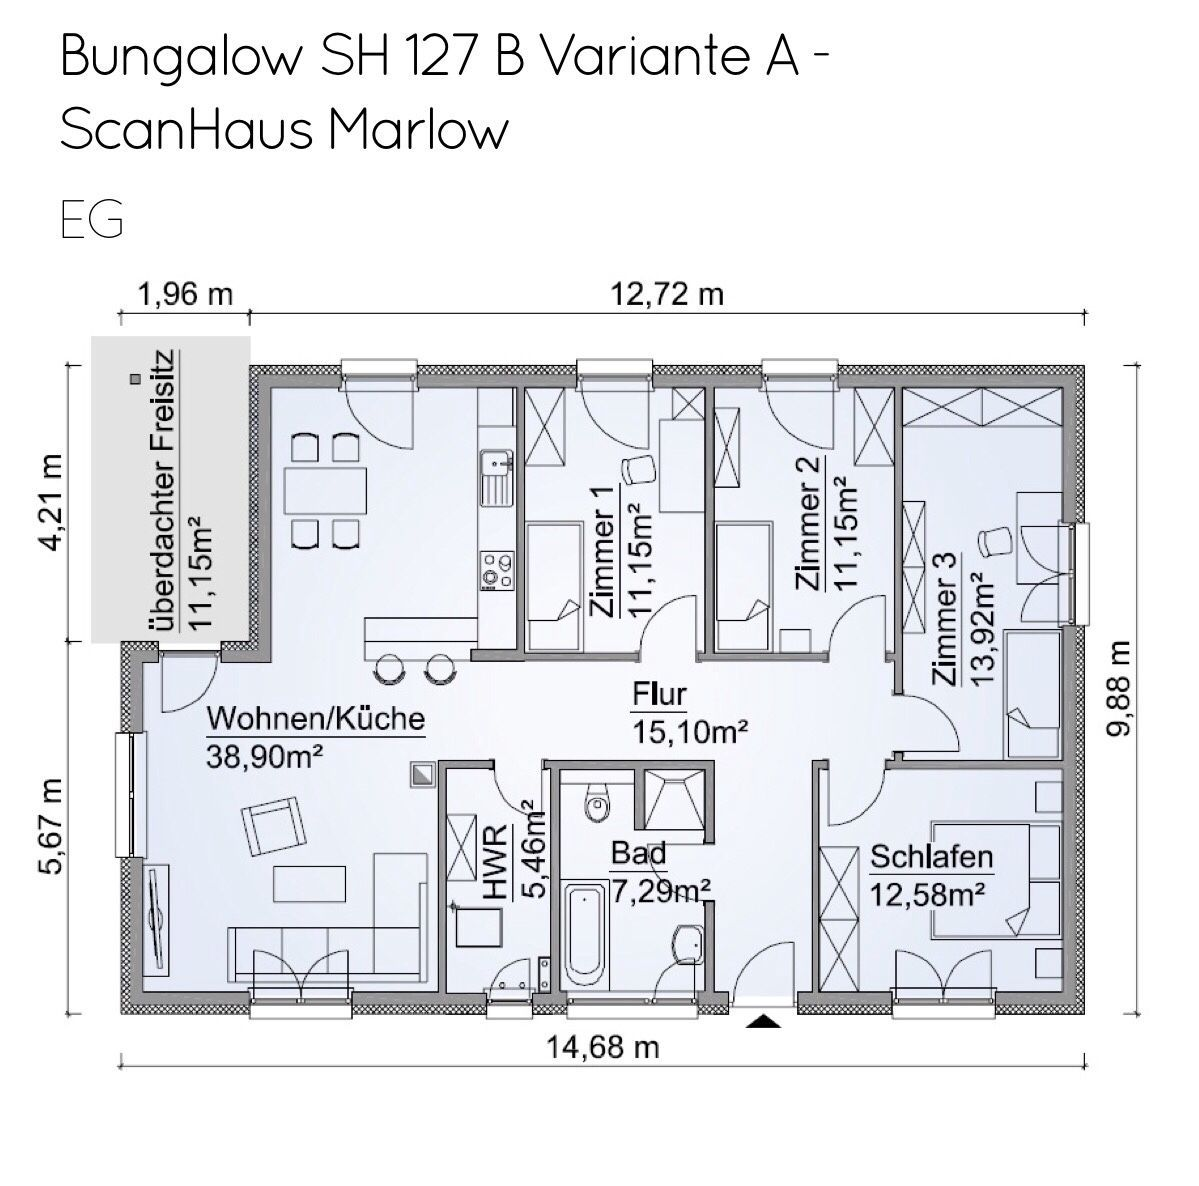 Grundriss Bungalow Barrierefrei Mit Walmdach Architektur 5 Zimmer 120 Qm Kuche Offen 3 Kinderzimmer Recht Bungalow Fertighaus Bungalow Grundriss Bungalow